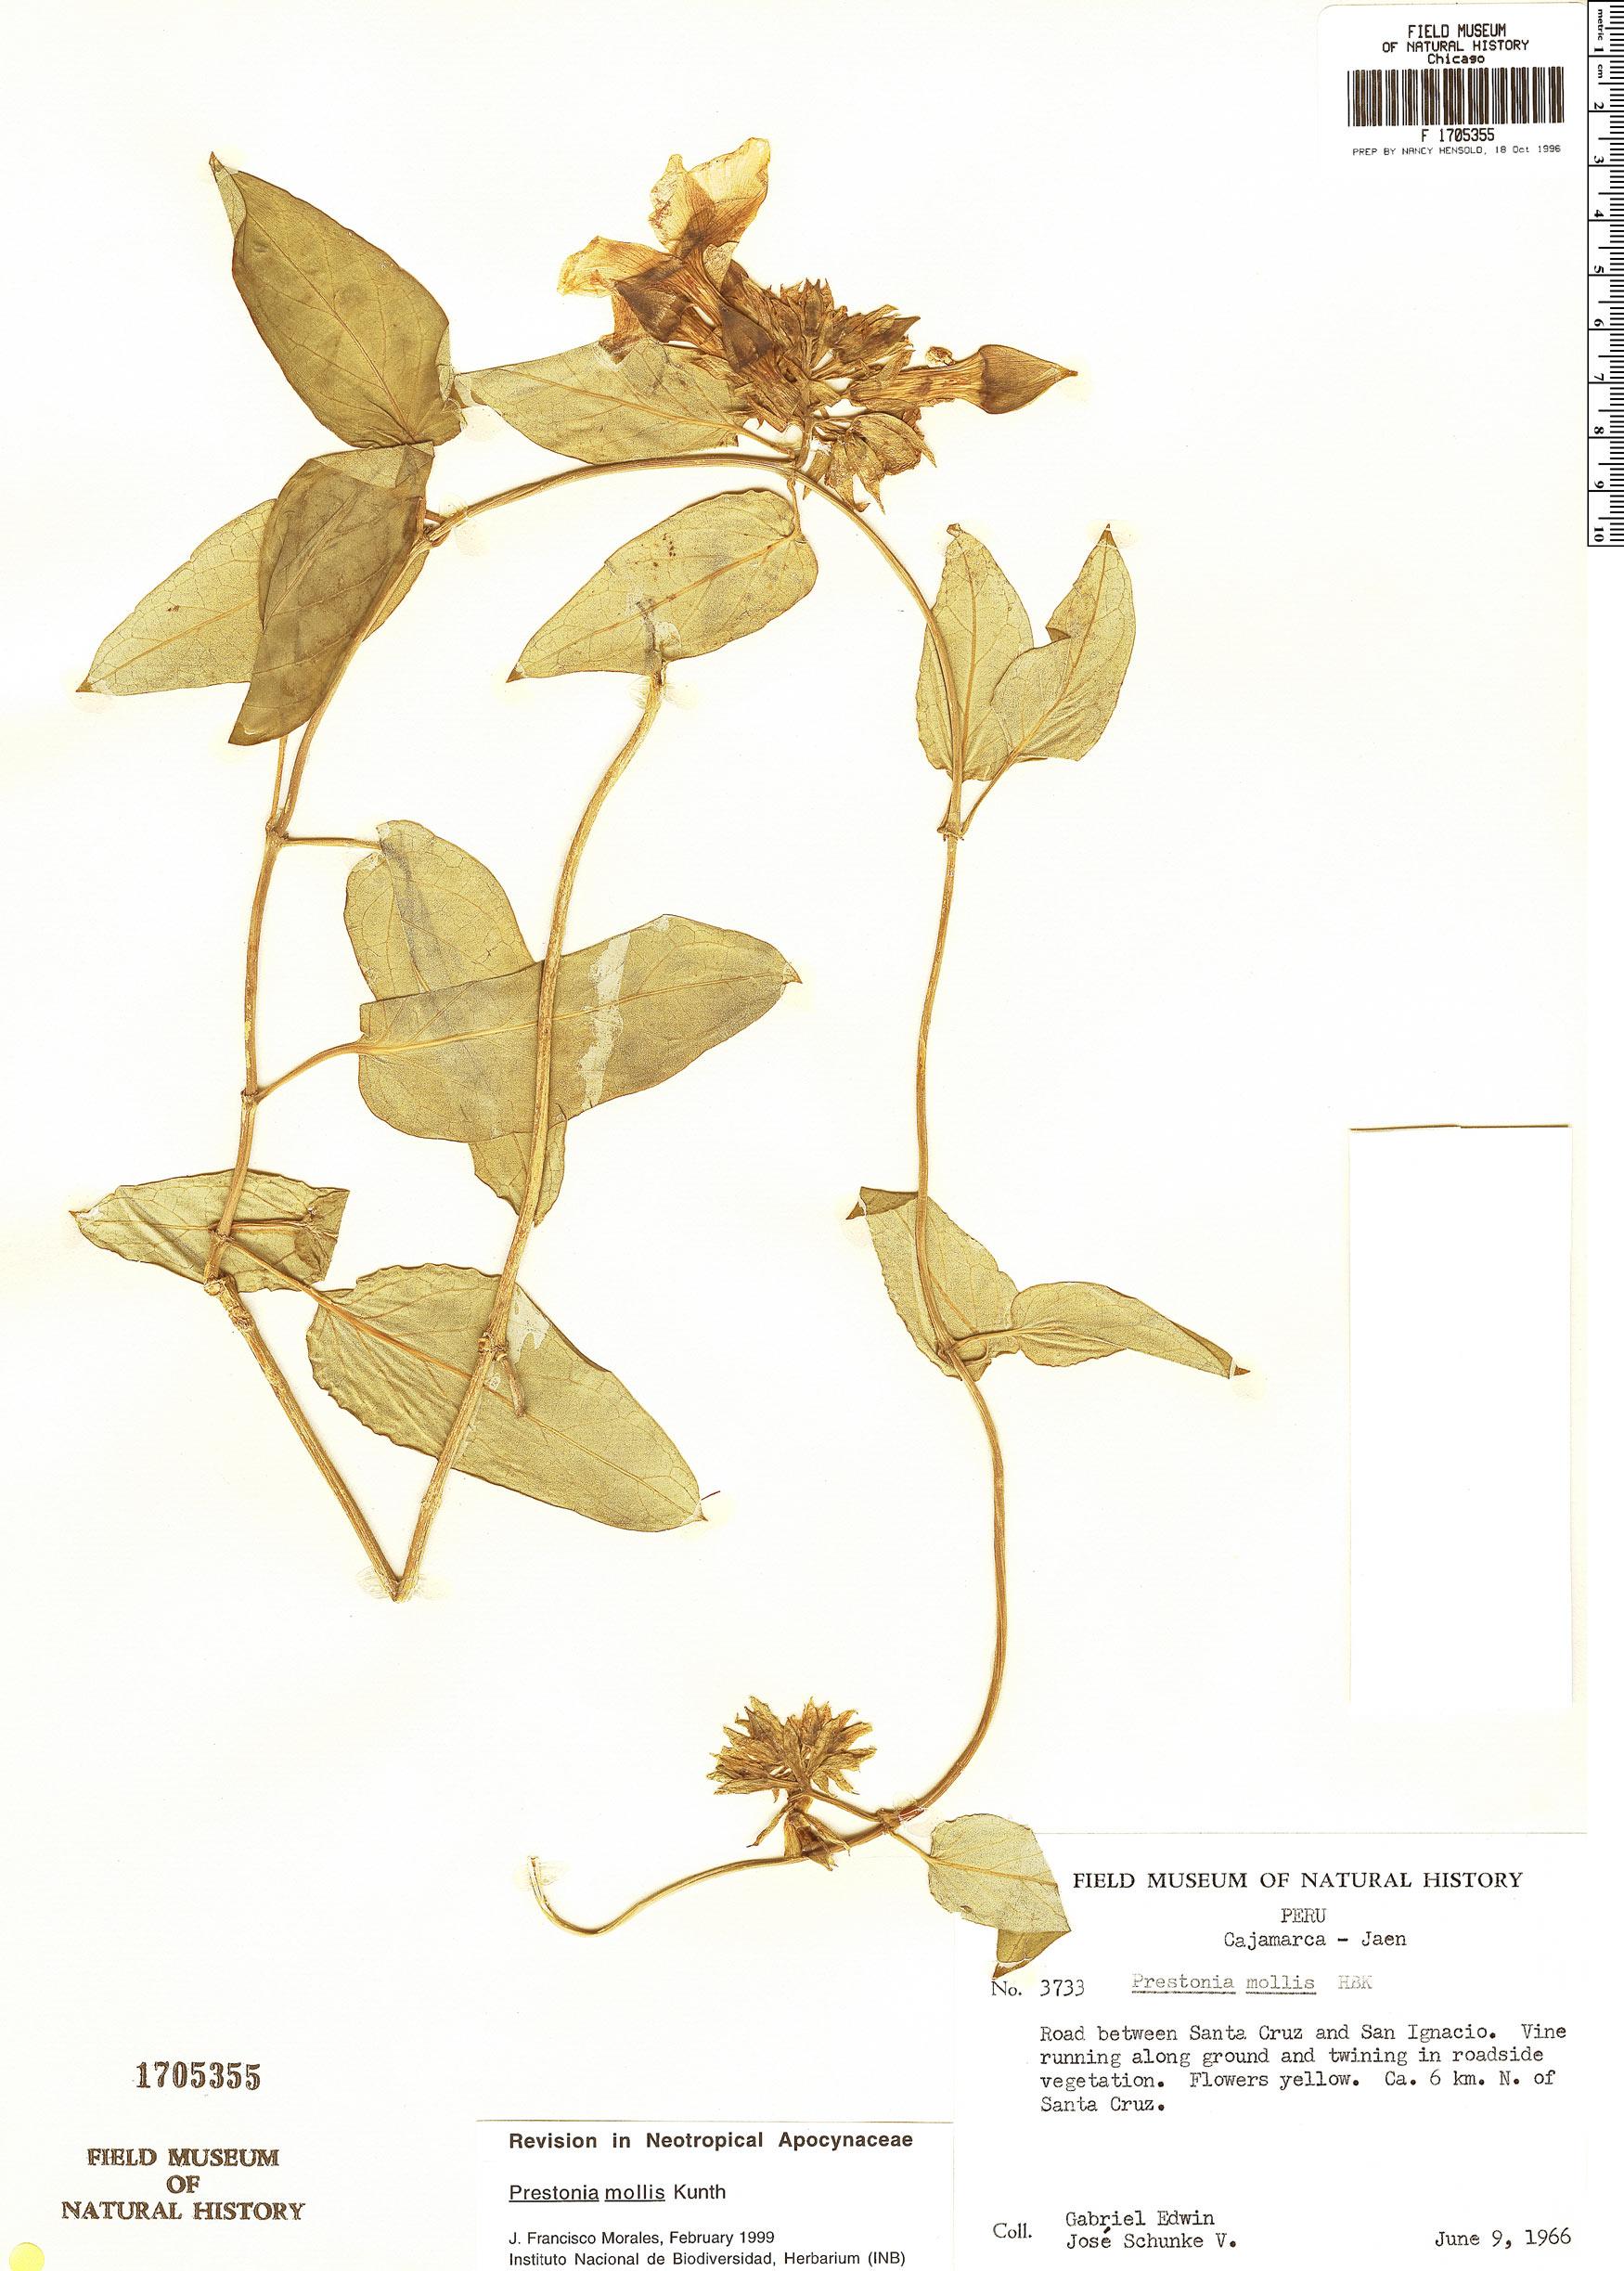 Specimen: Prestonia mollis